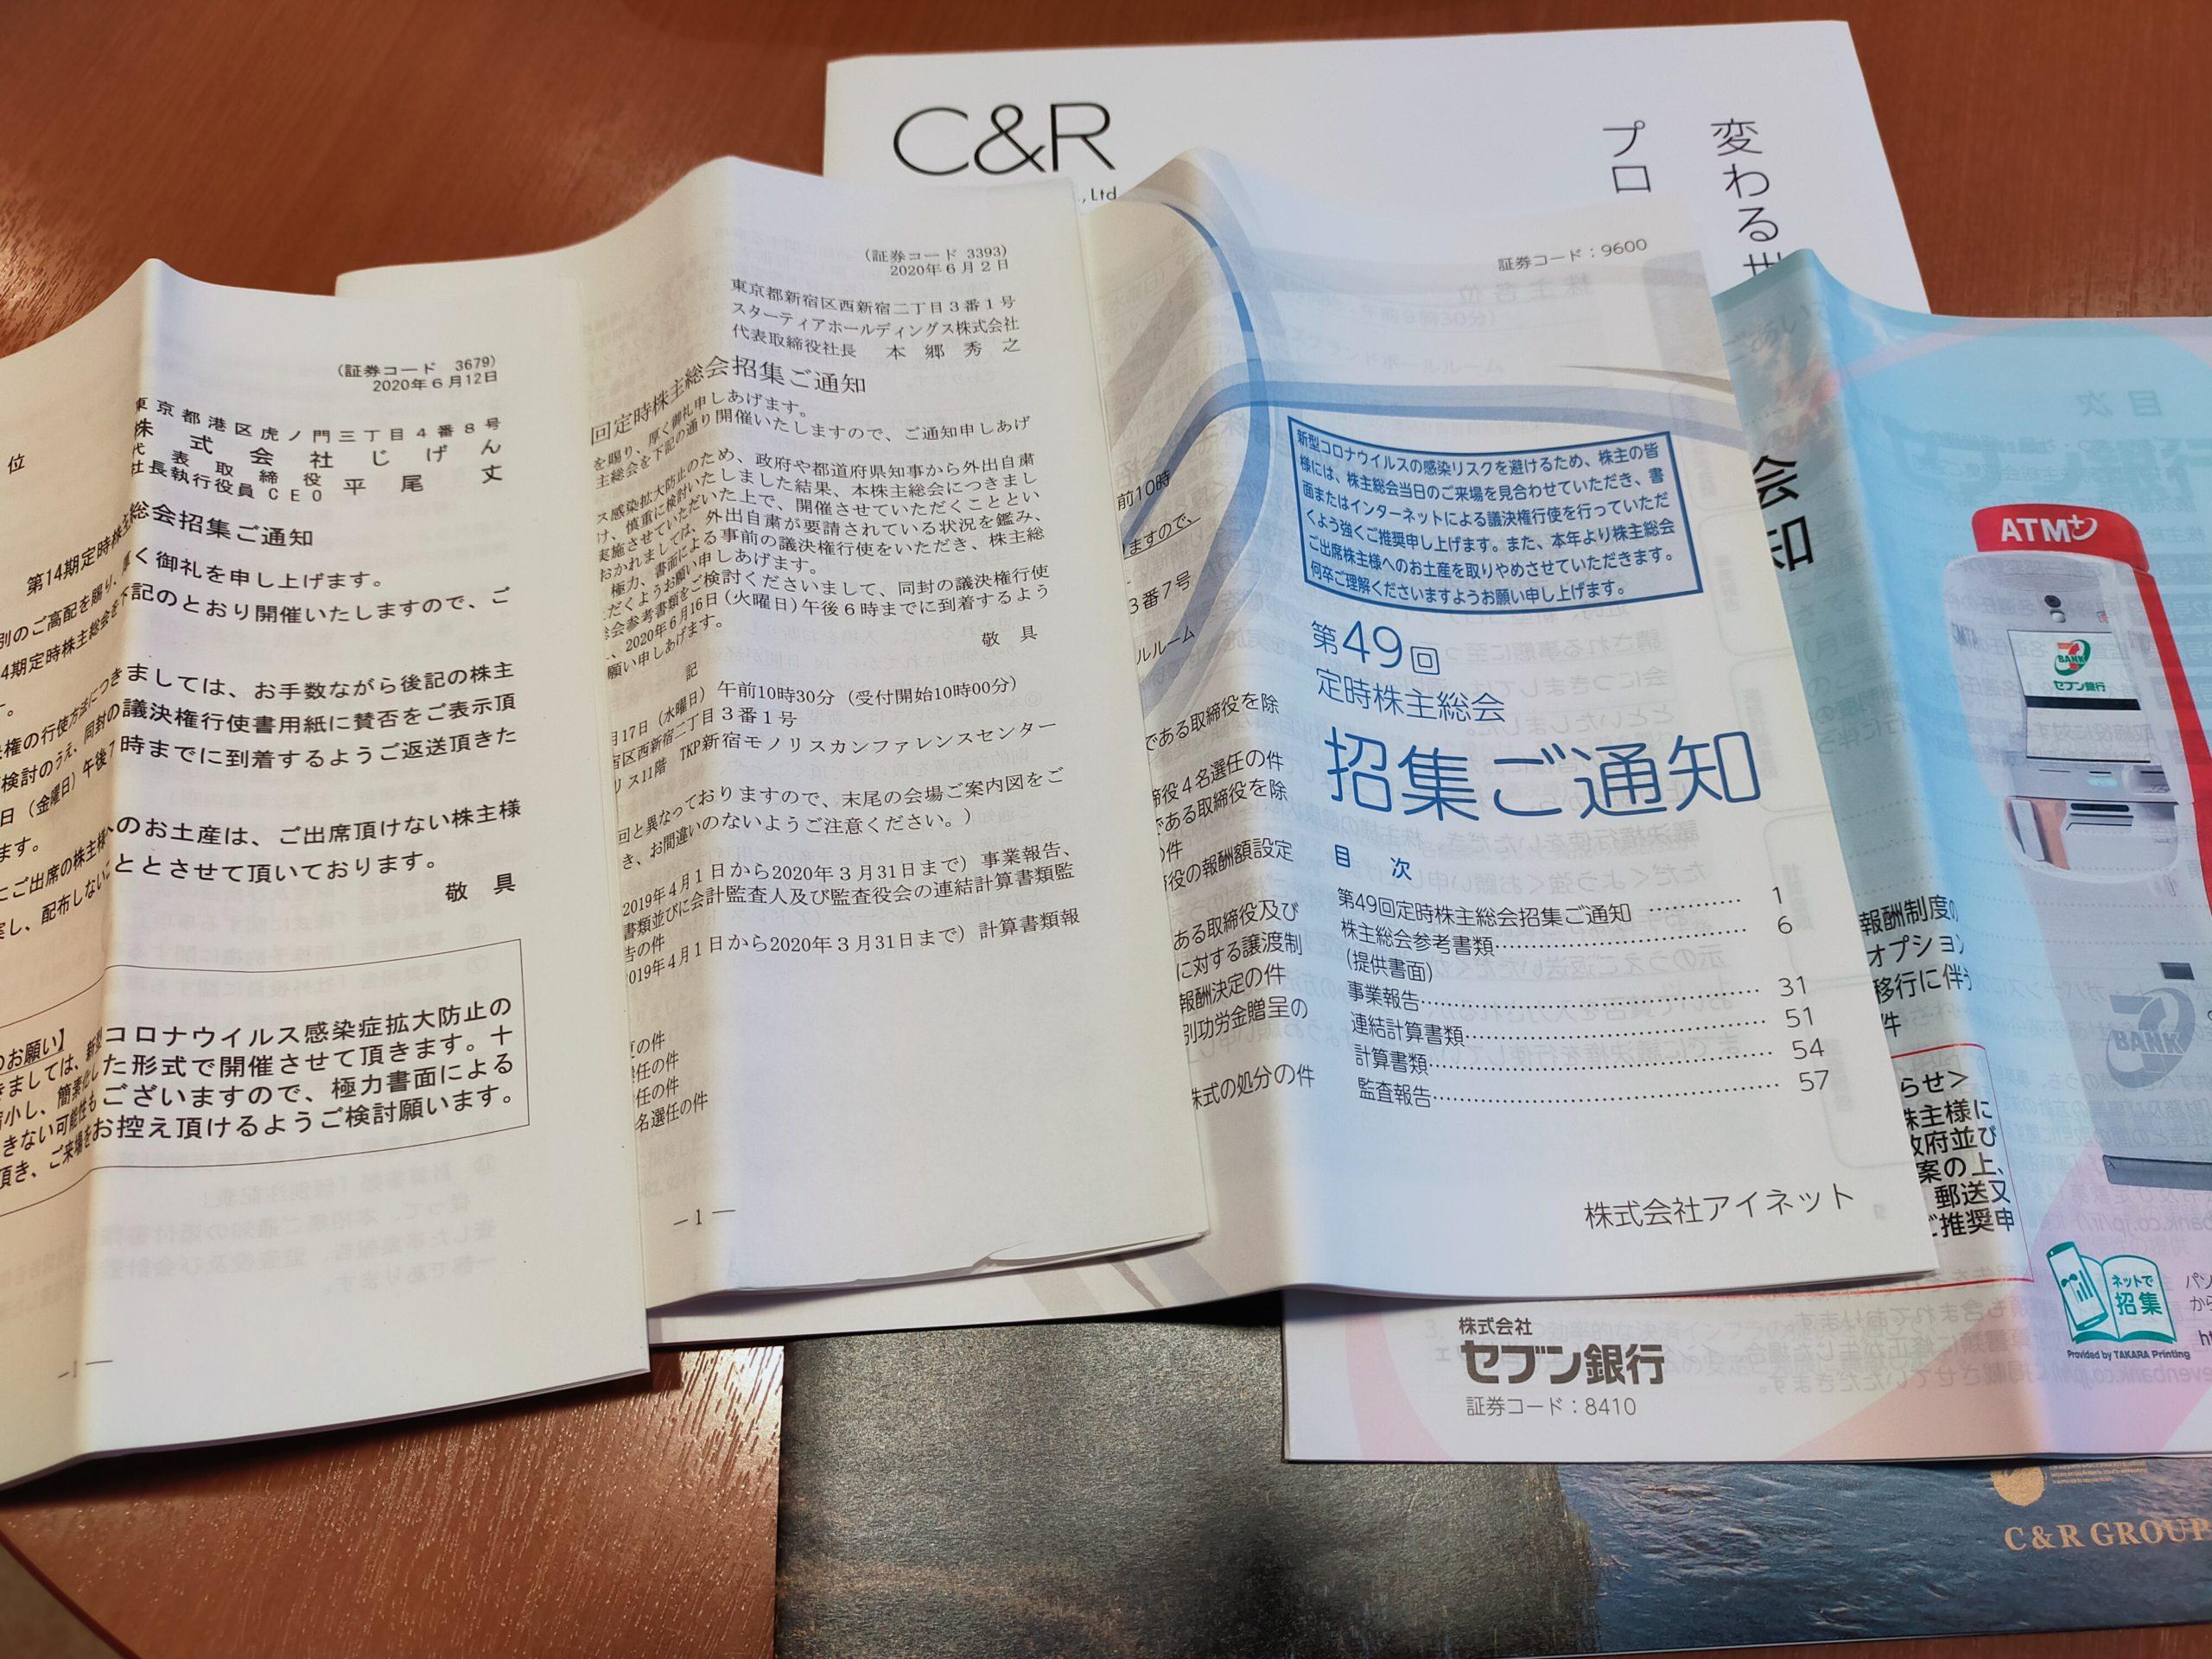 株主総会用事業報告資料